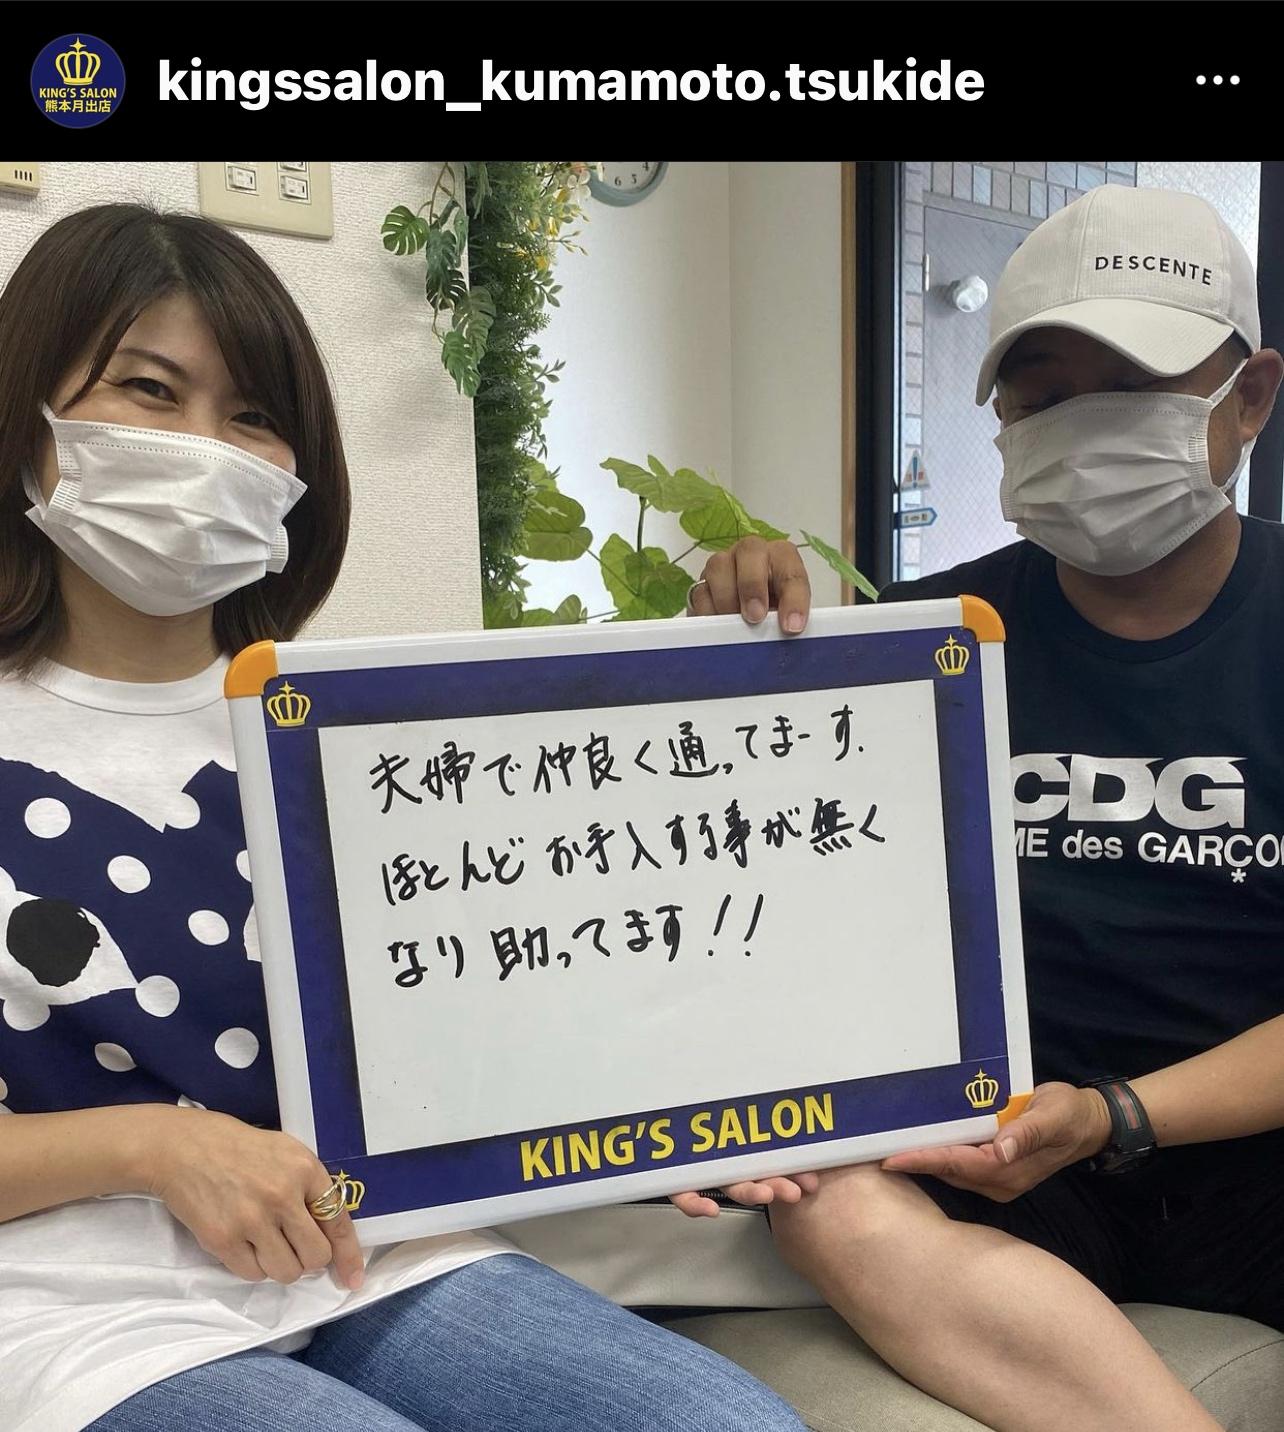 キングスサロン熊本月出店 お客様の声 サムネイル画像